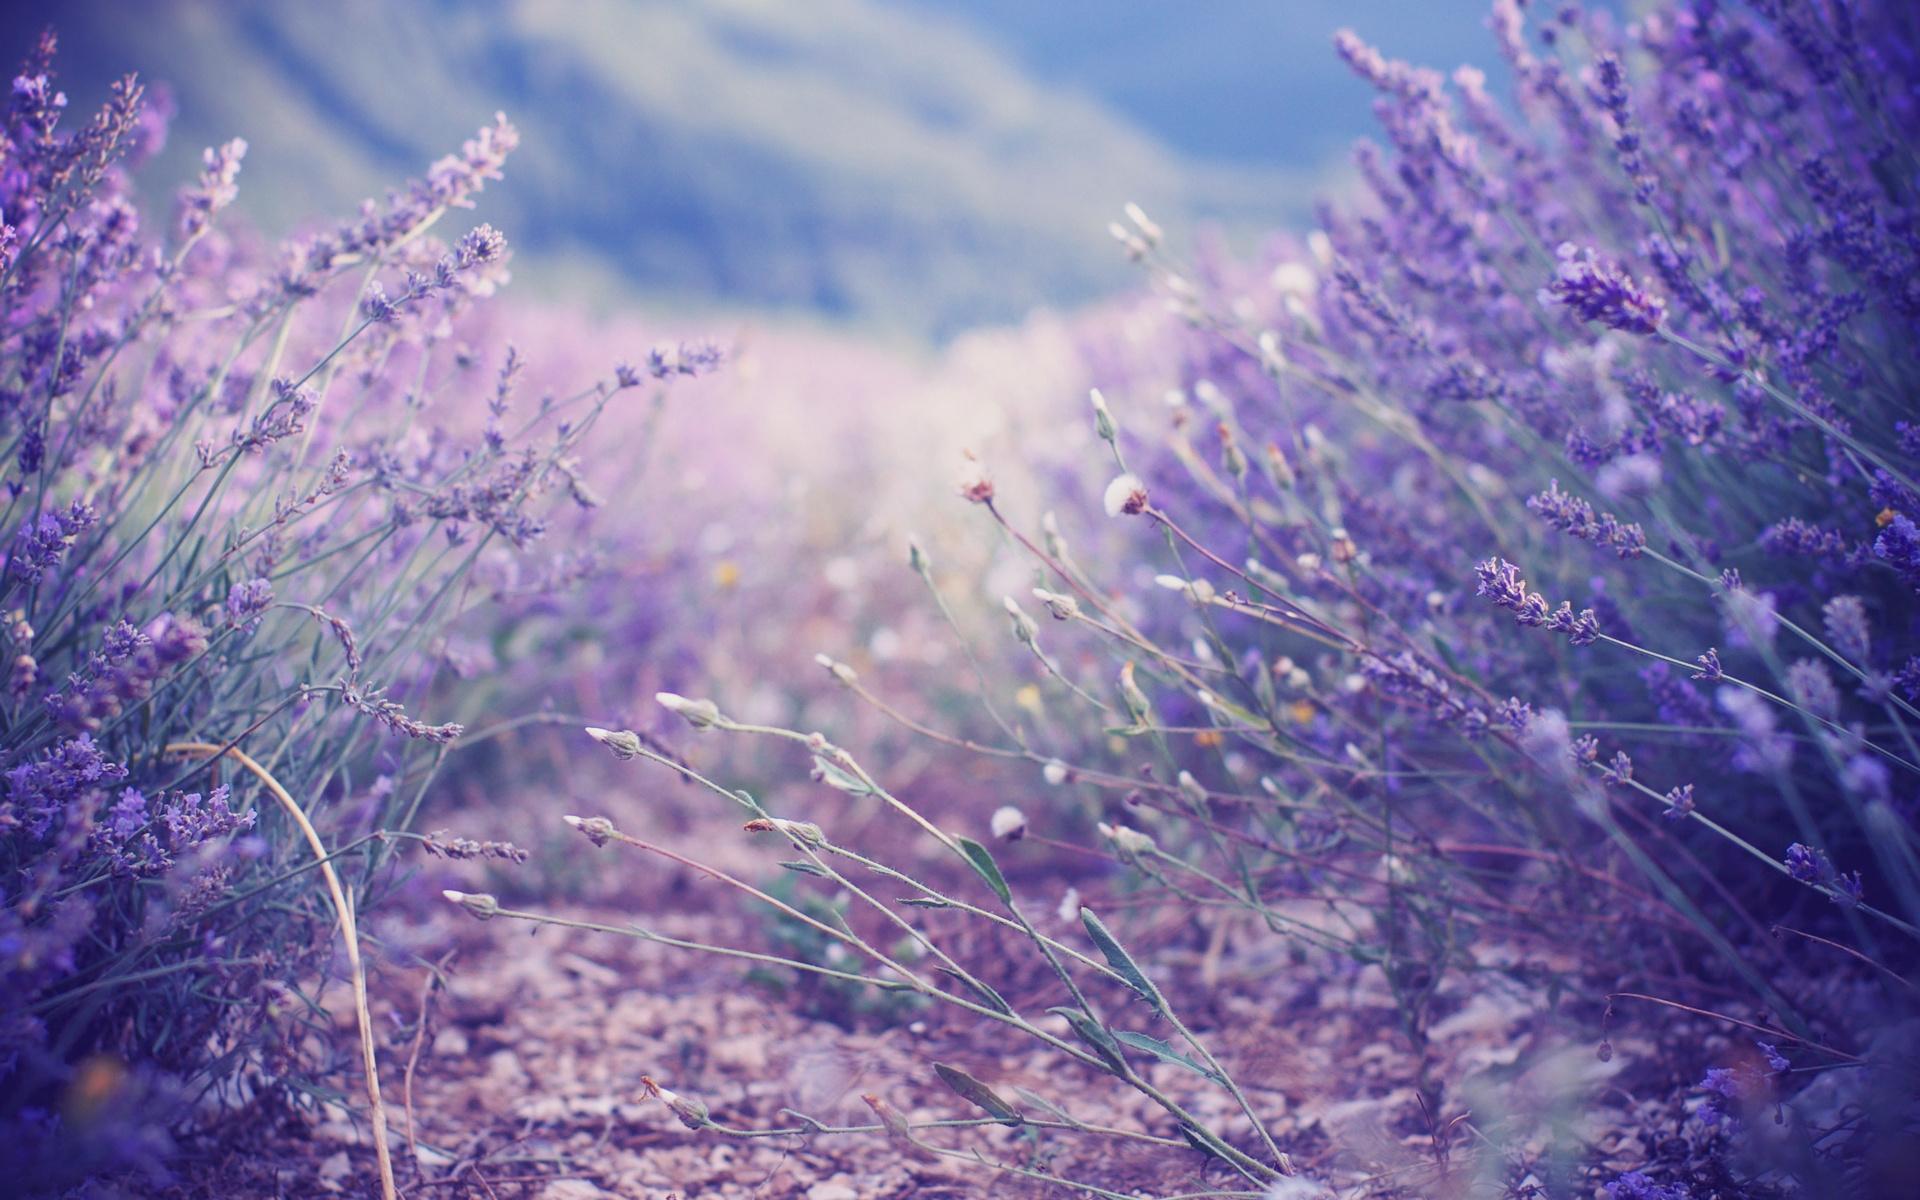 Нежно фиолетовый цвет картинки